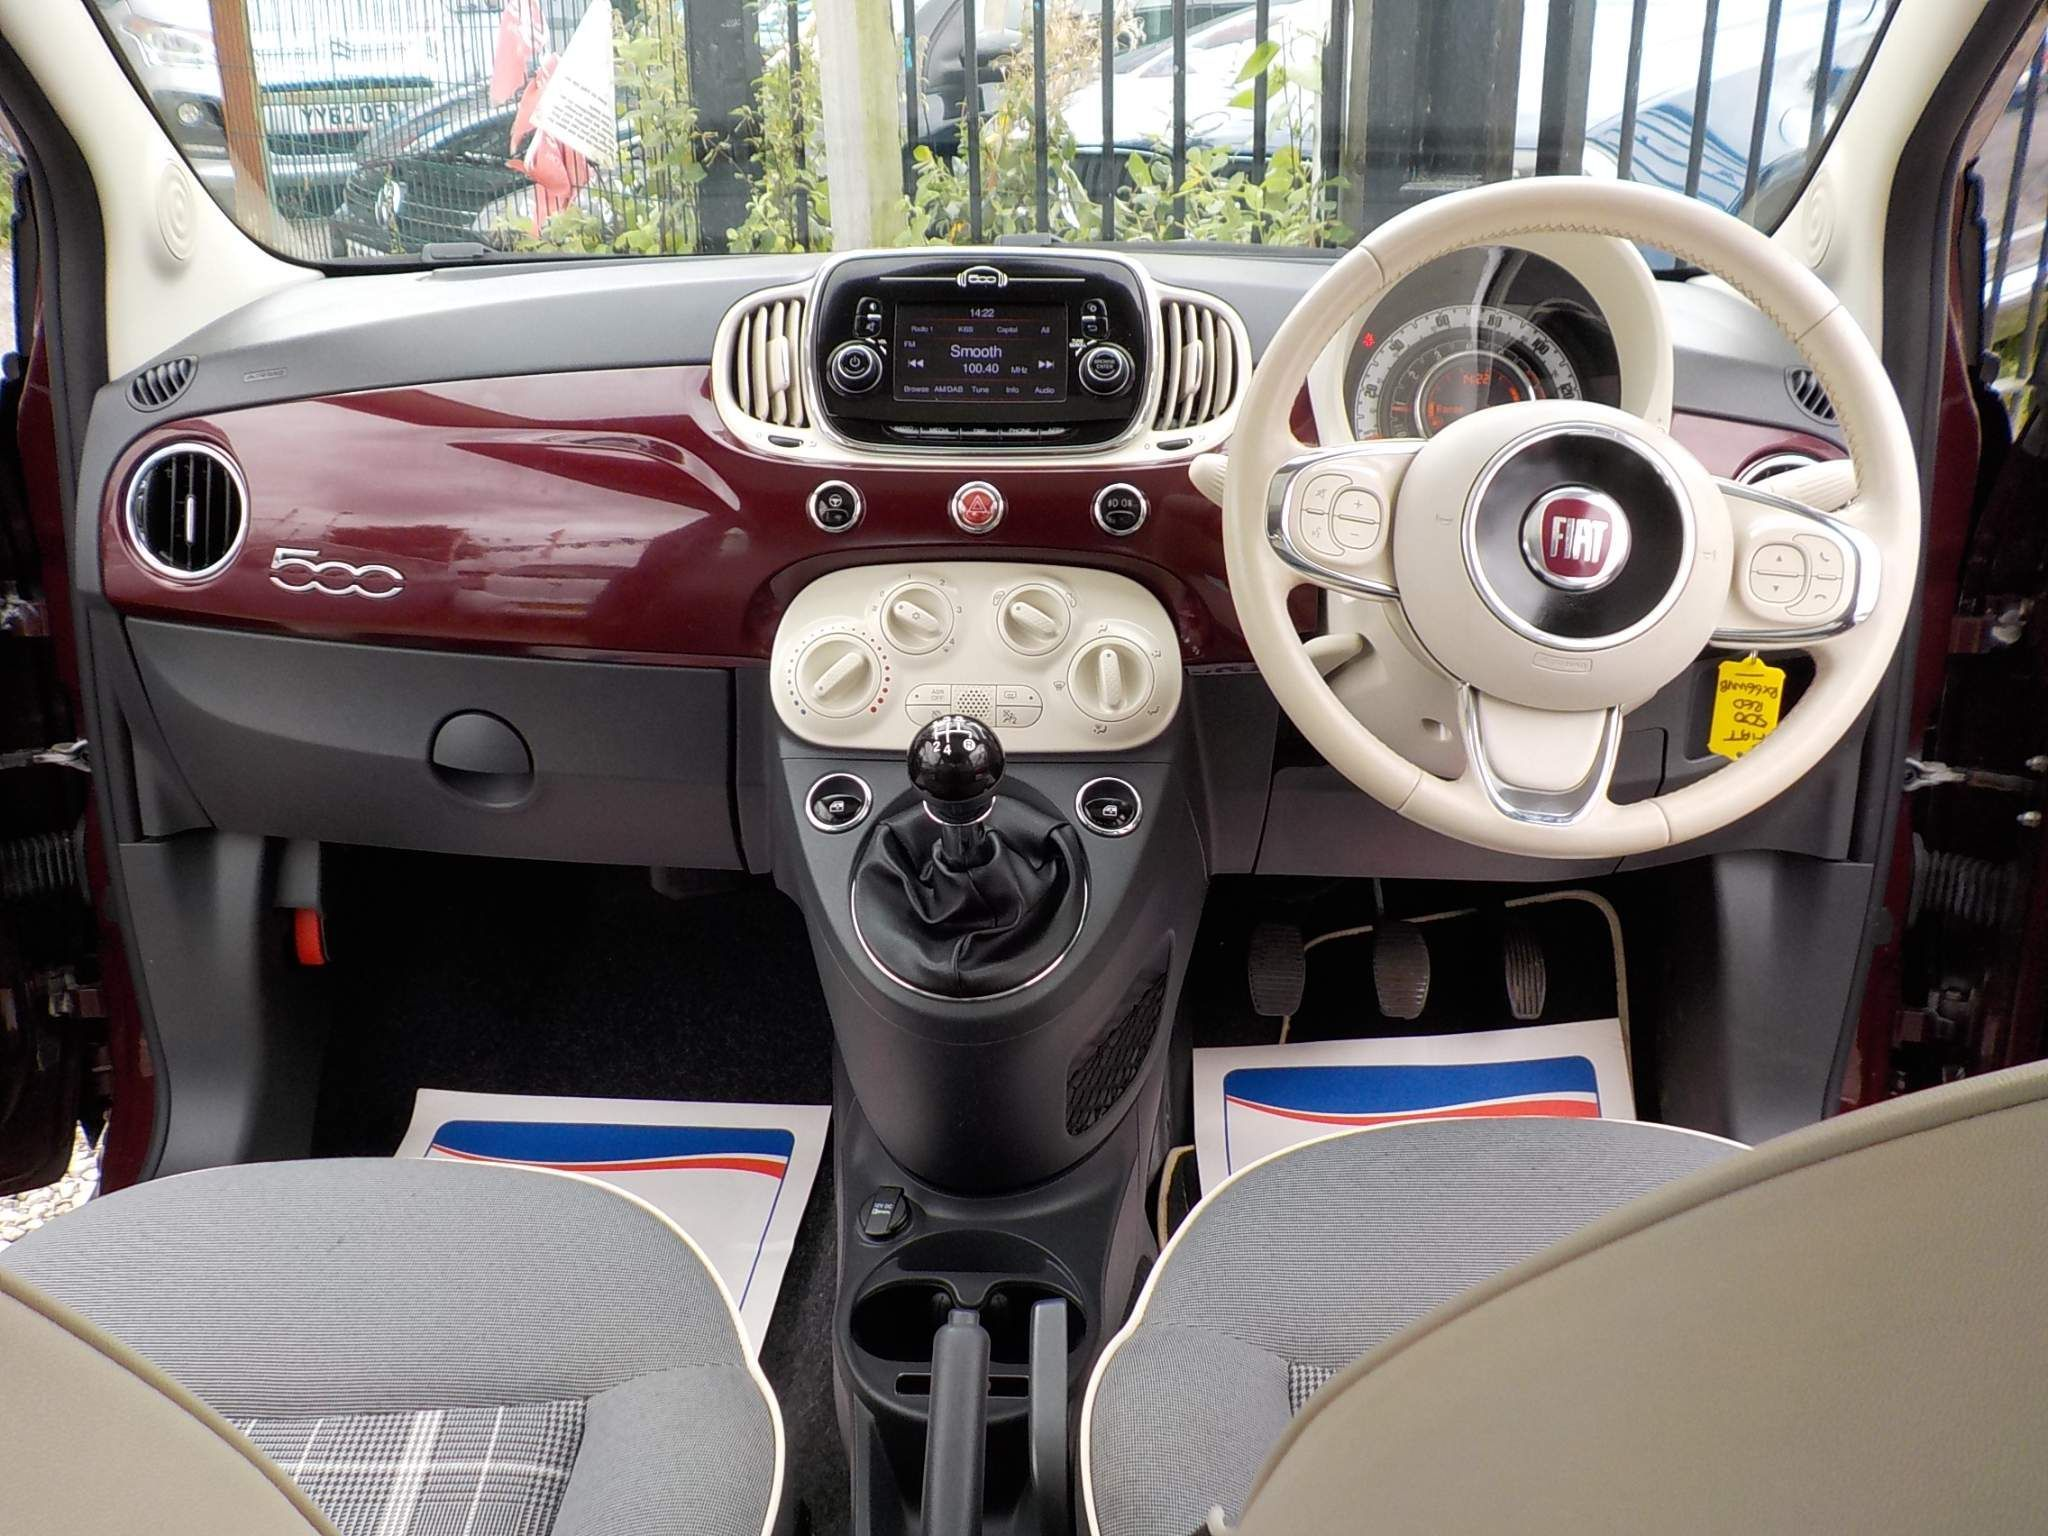 Fiat 500 1.2 8V Lounge (s/s) 3dr